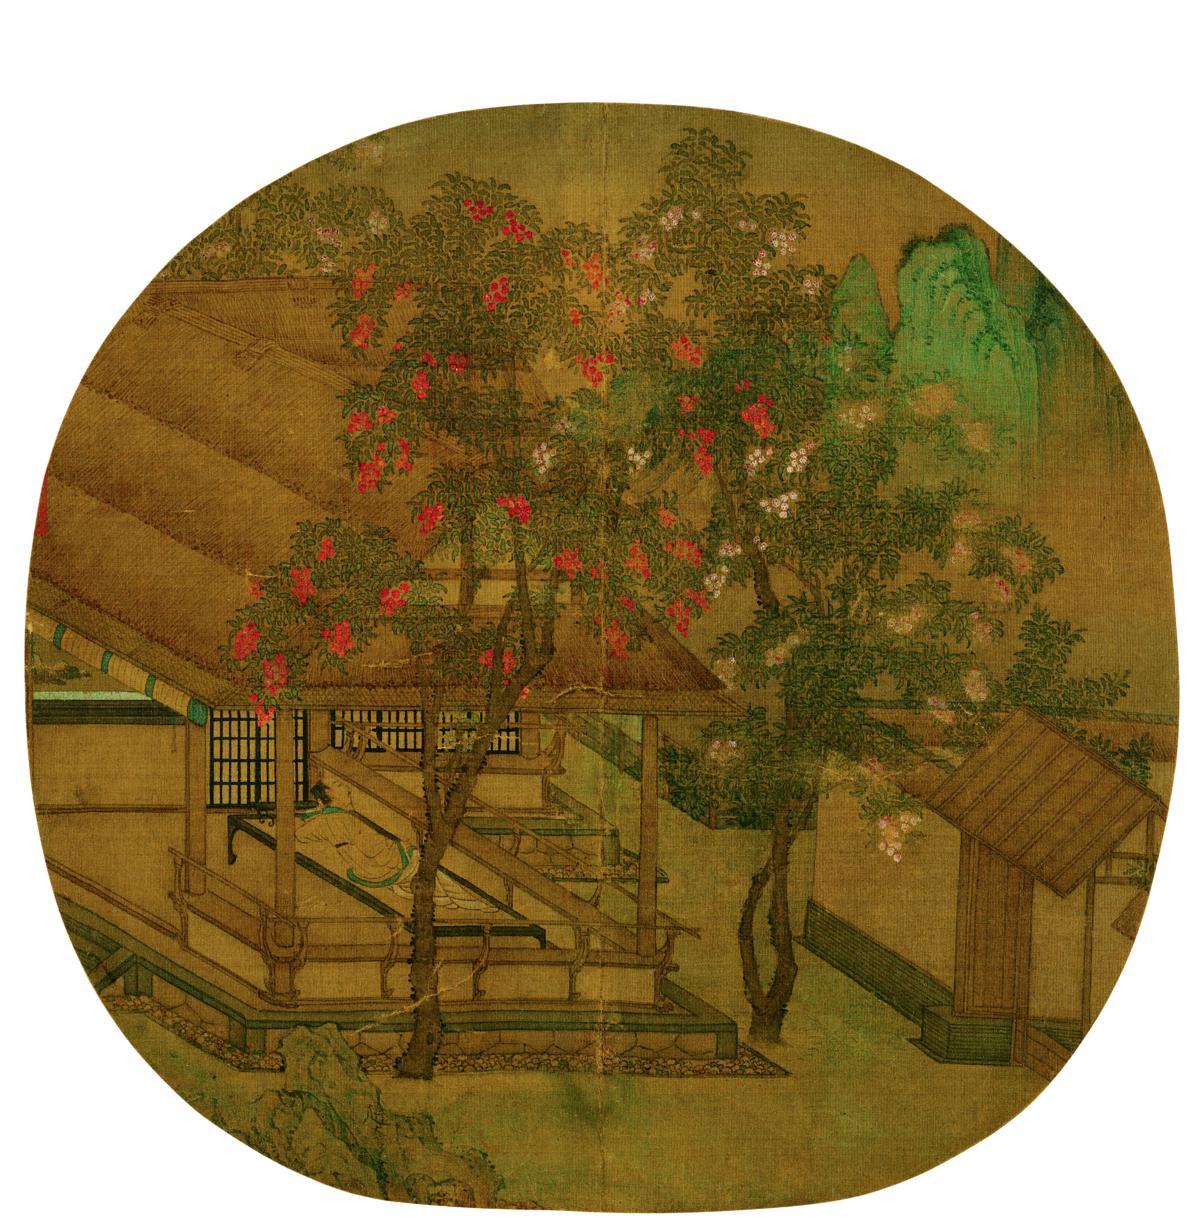 赵大亨 薇省黄昏图辽博 24.5x25 国画